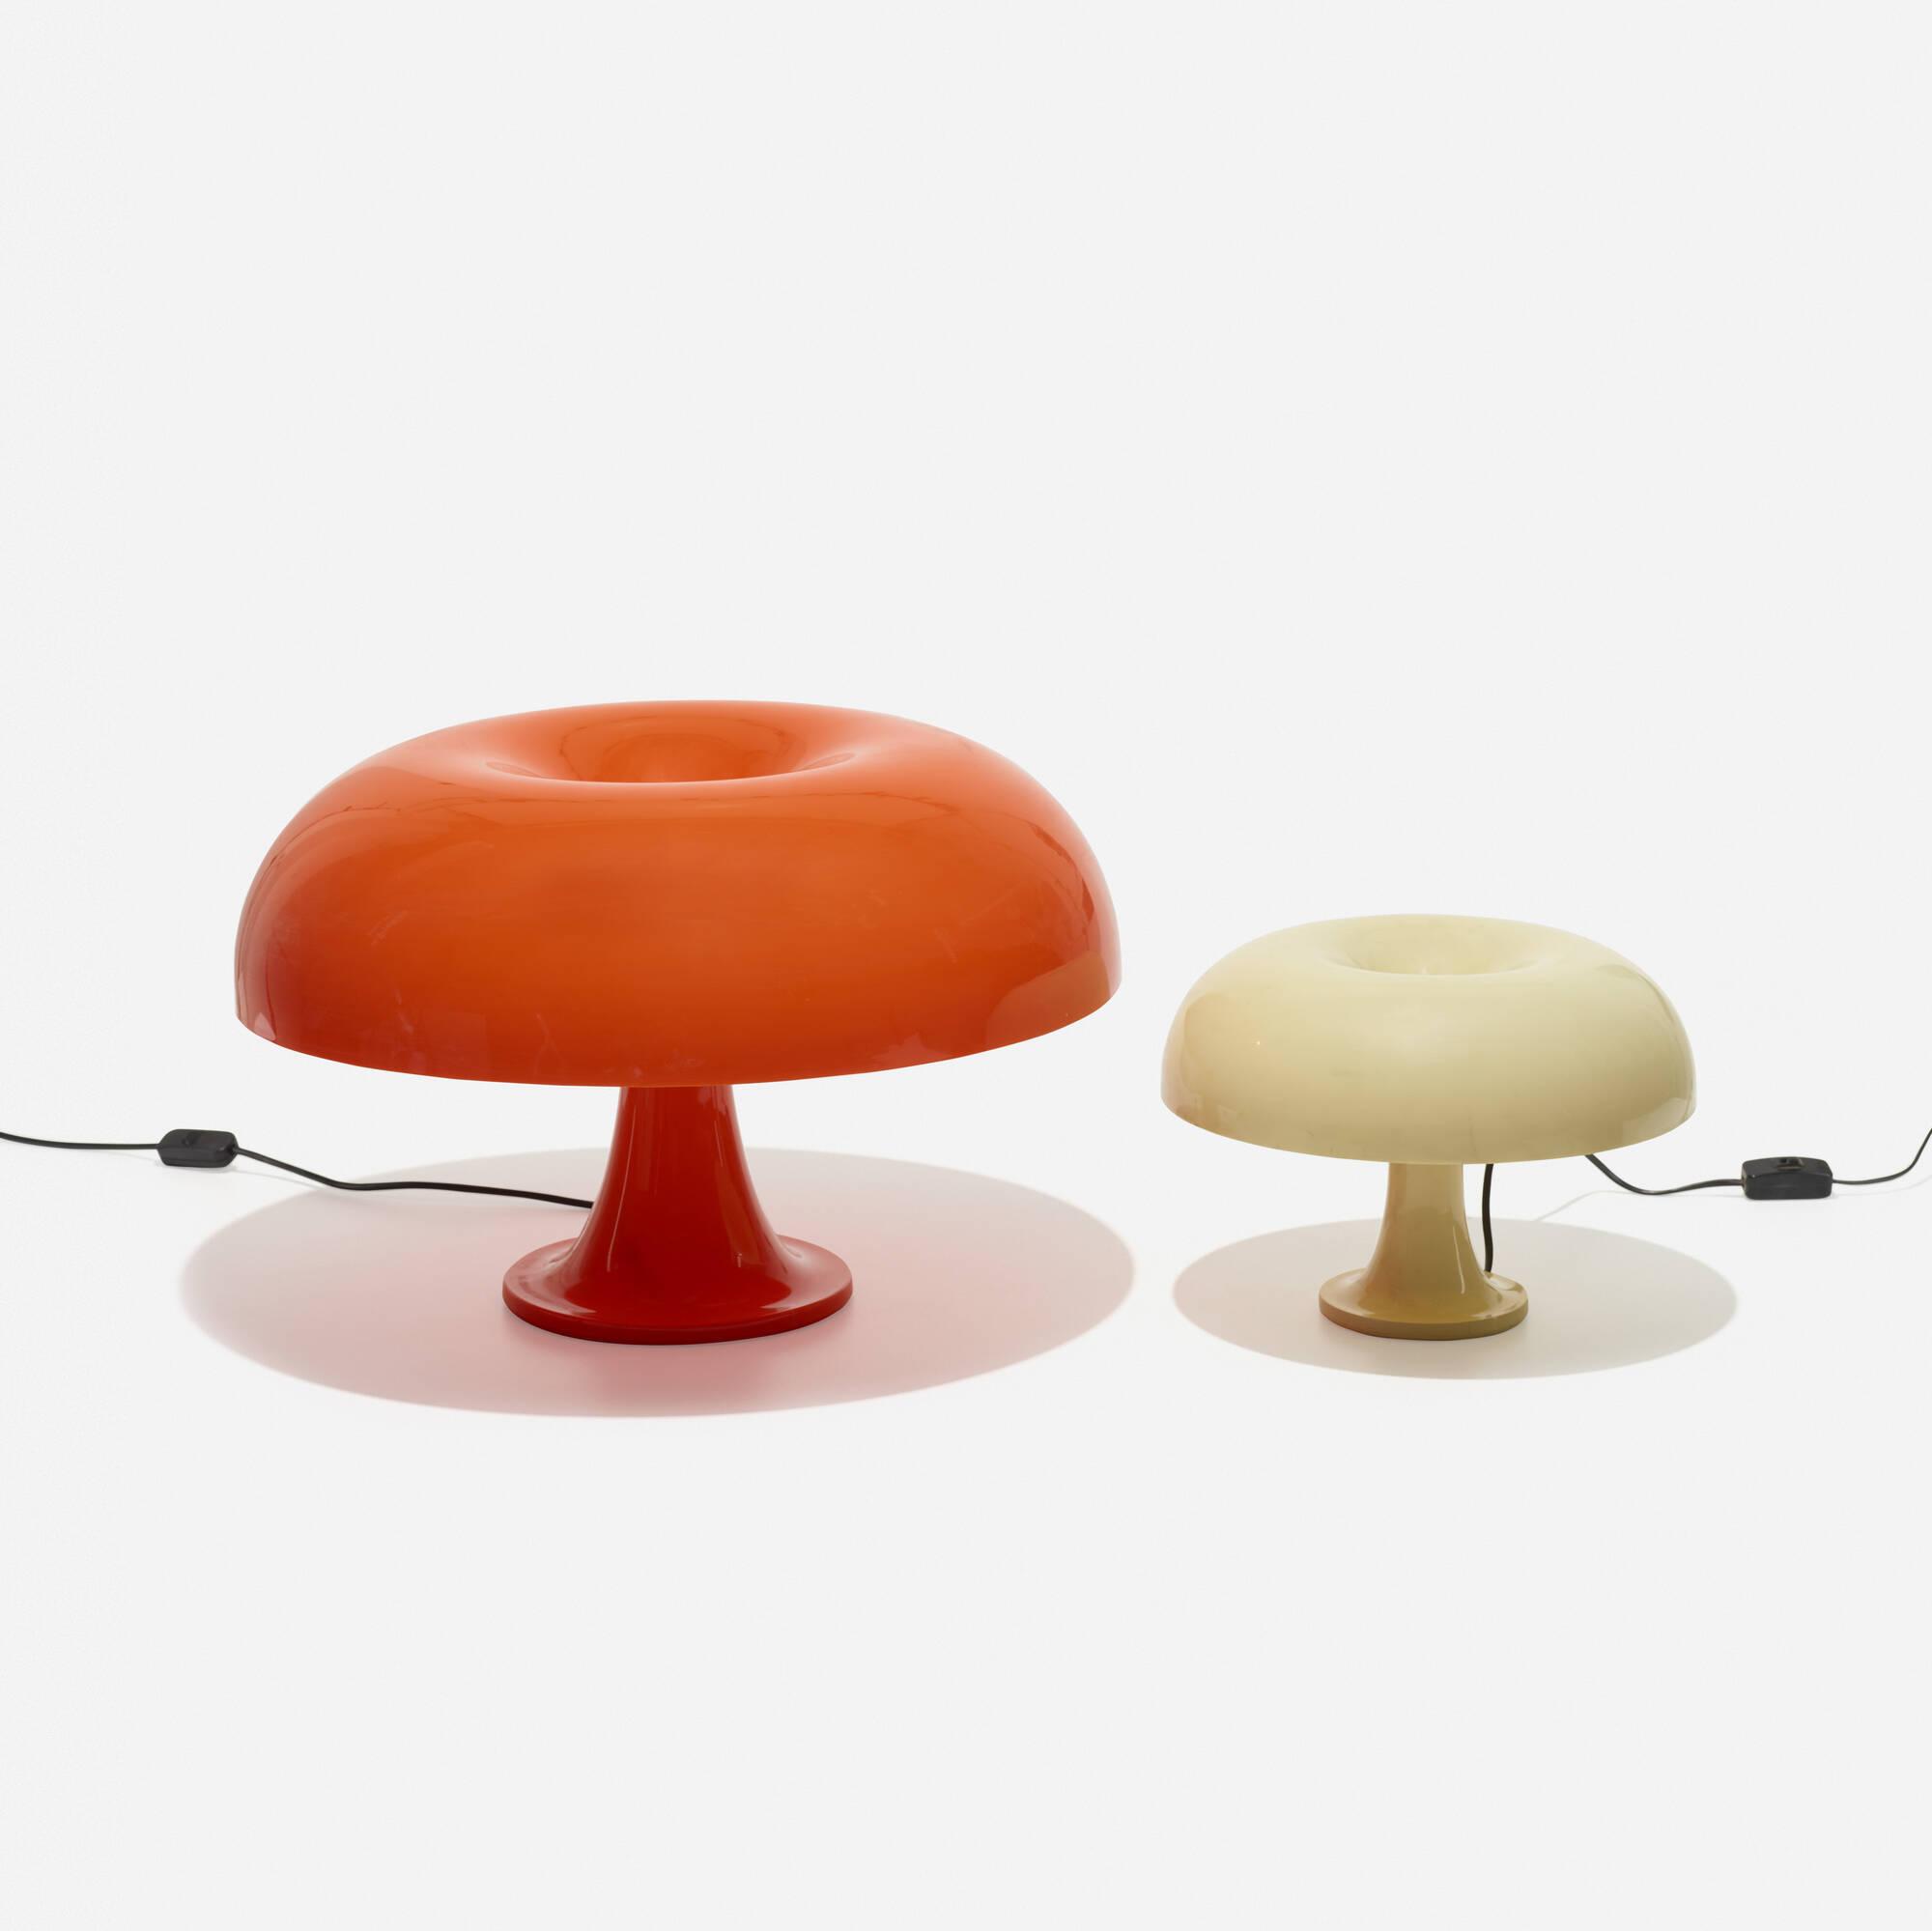 320: Gruppo Architetti Urbanisti Citta Nuova / Nesso and Nessio table lamps (1 of 2)